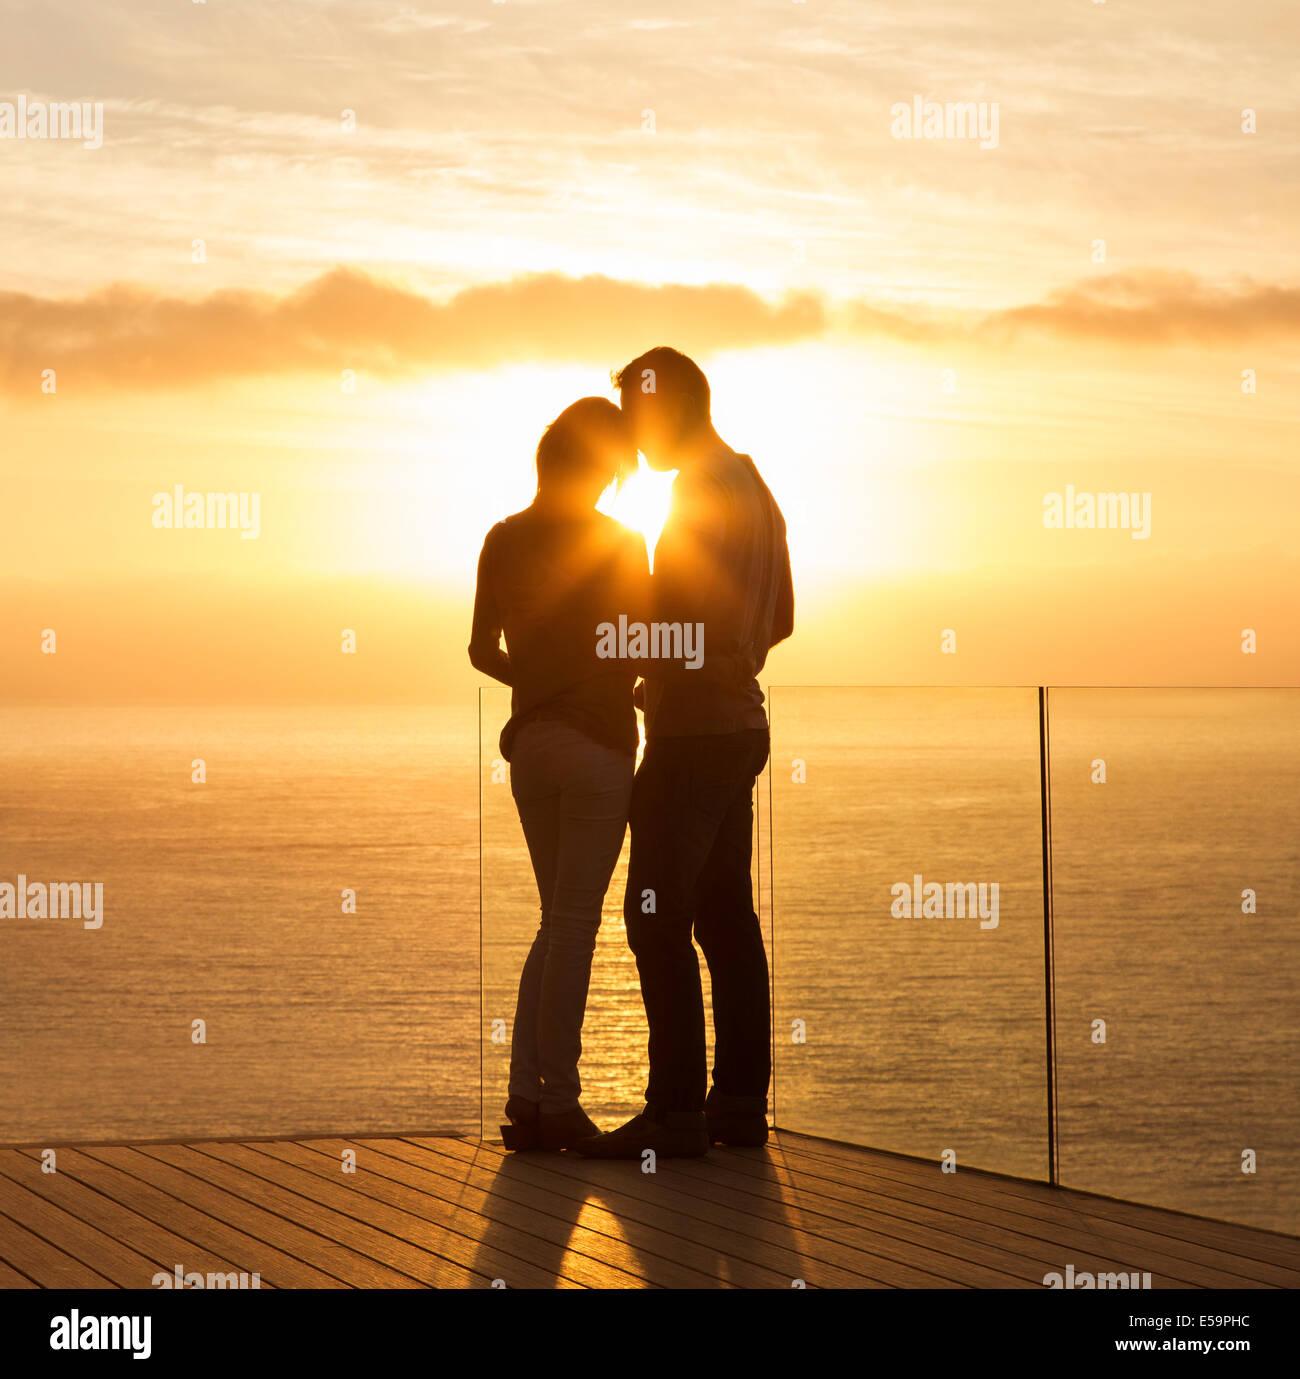 Silhouette di giovane al tramonto sull'oceano Immagini Stock